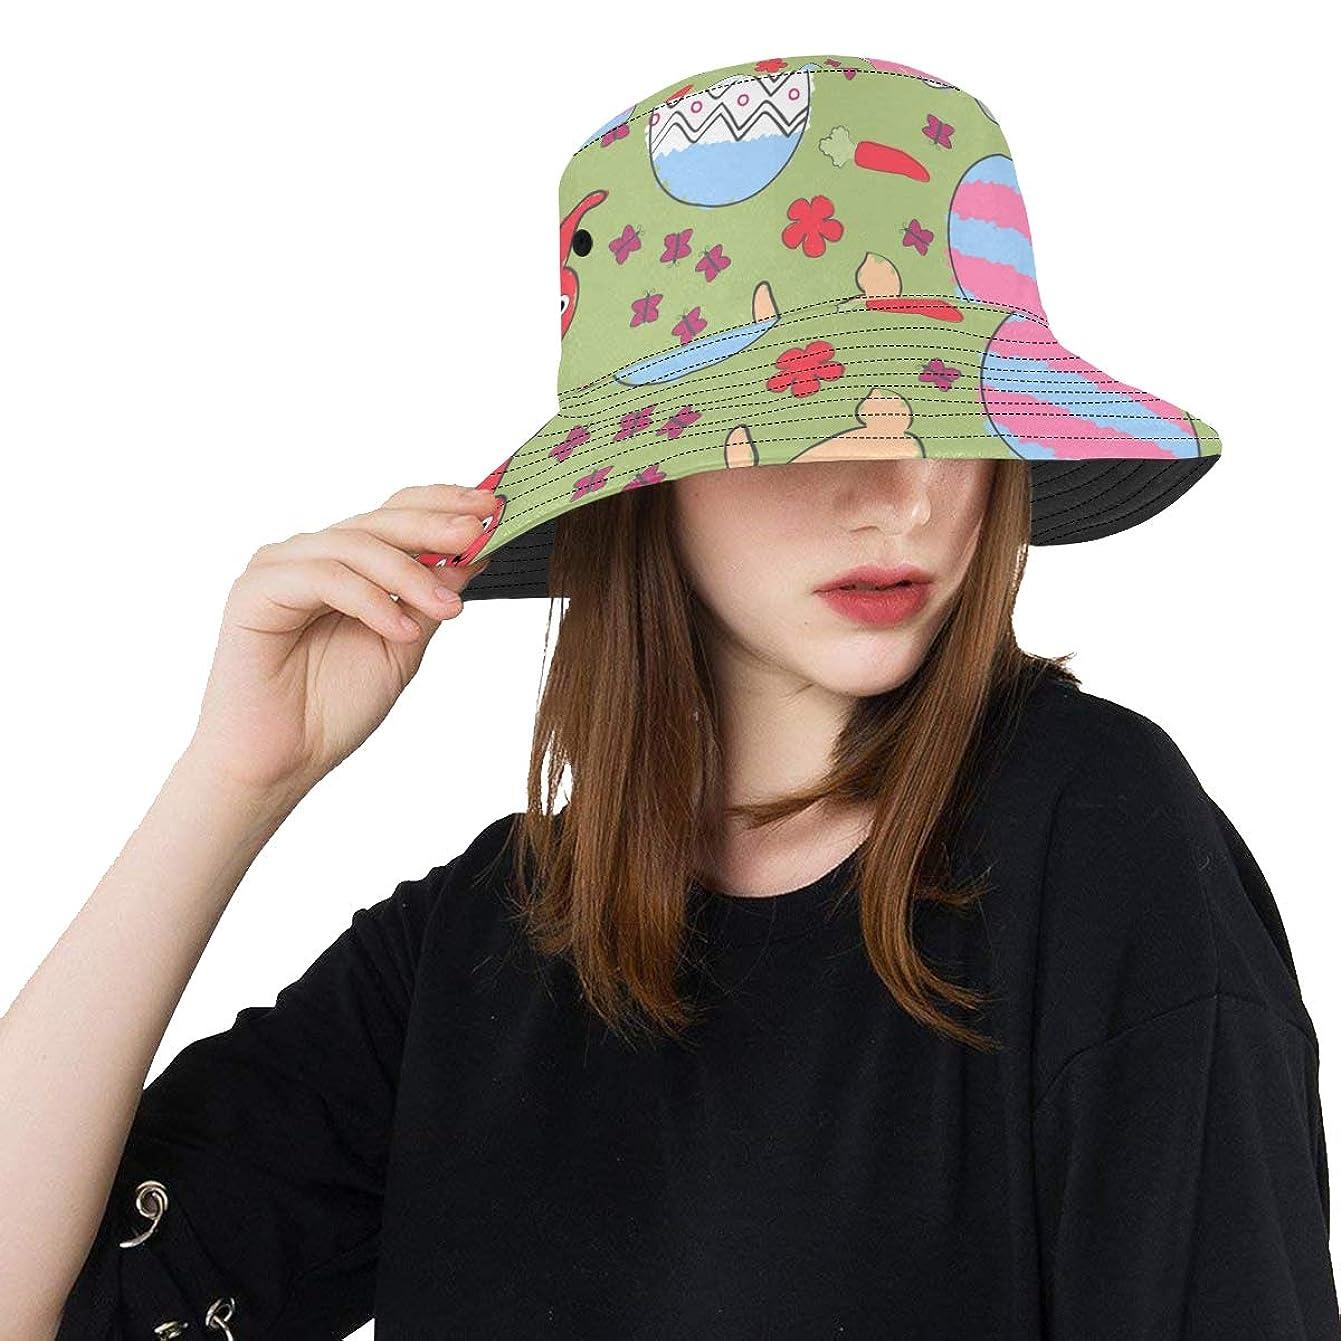 時折議論するディスコJKDLER Uvカット帽子 かわいいクマや美しい花 バケットハット サンバイザー 日よけ 日焼け止め レディース 女子 綿 つば広 おしゃれ 折りたたみ 春夏 ストローハット アウトドア 旅行 トラベル 紫外線対策 遮光 吸汗速乾 小顔効果抜群